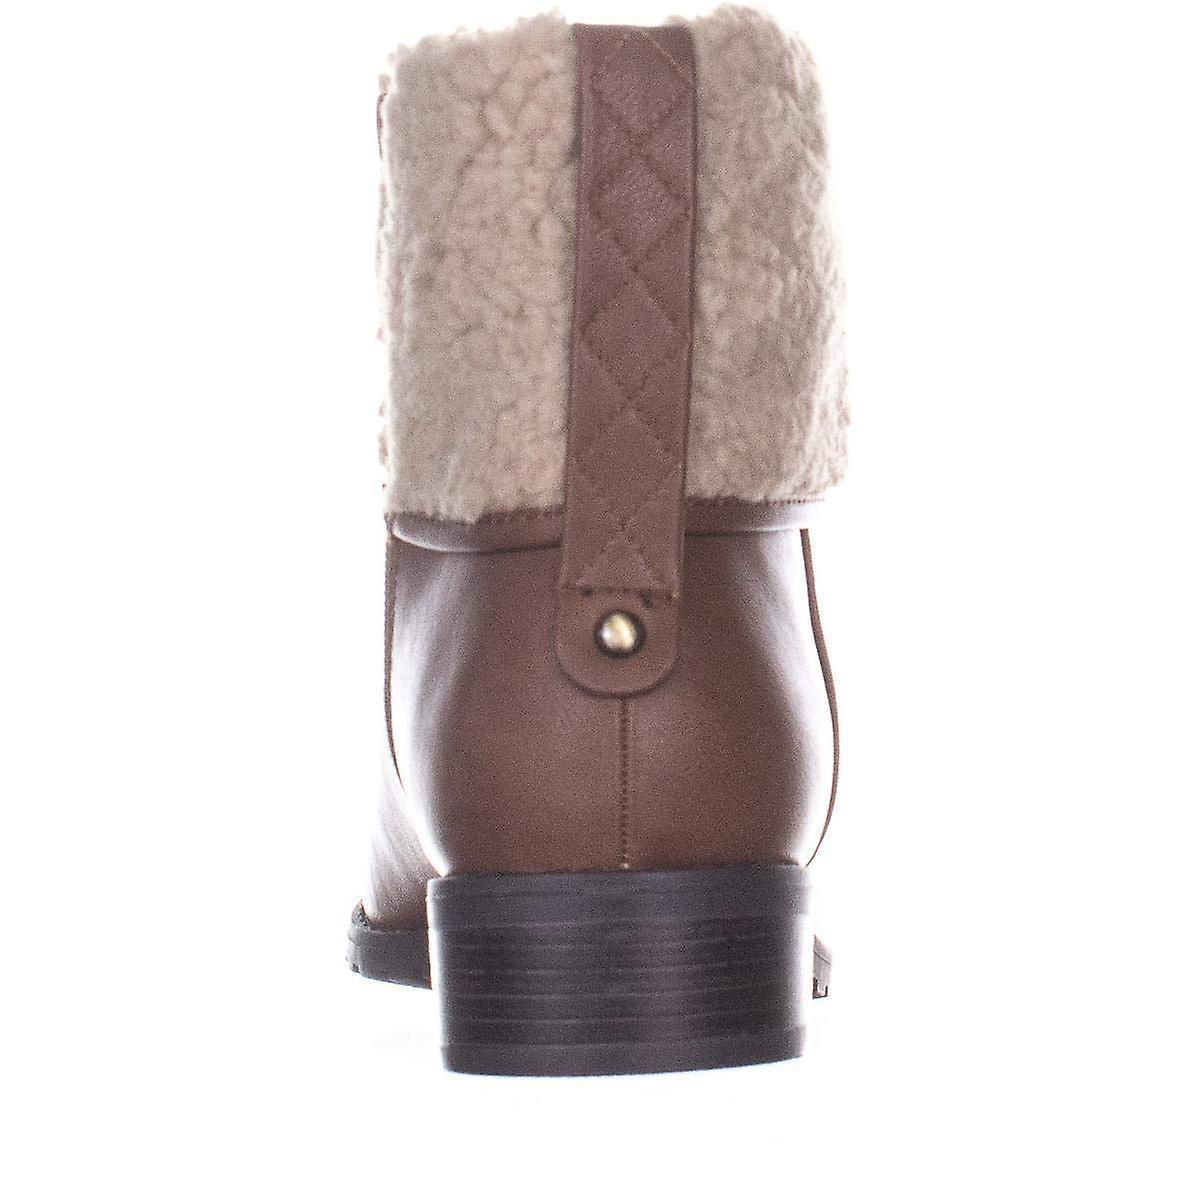 Stil & Co. SC35 Bettey Ankelstøvler, Fat, 6 US